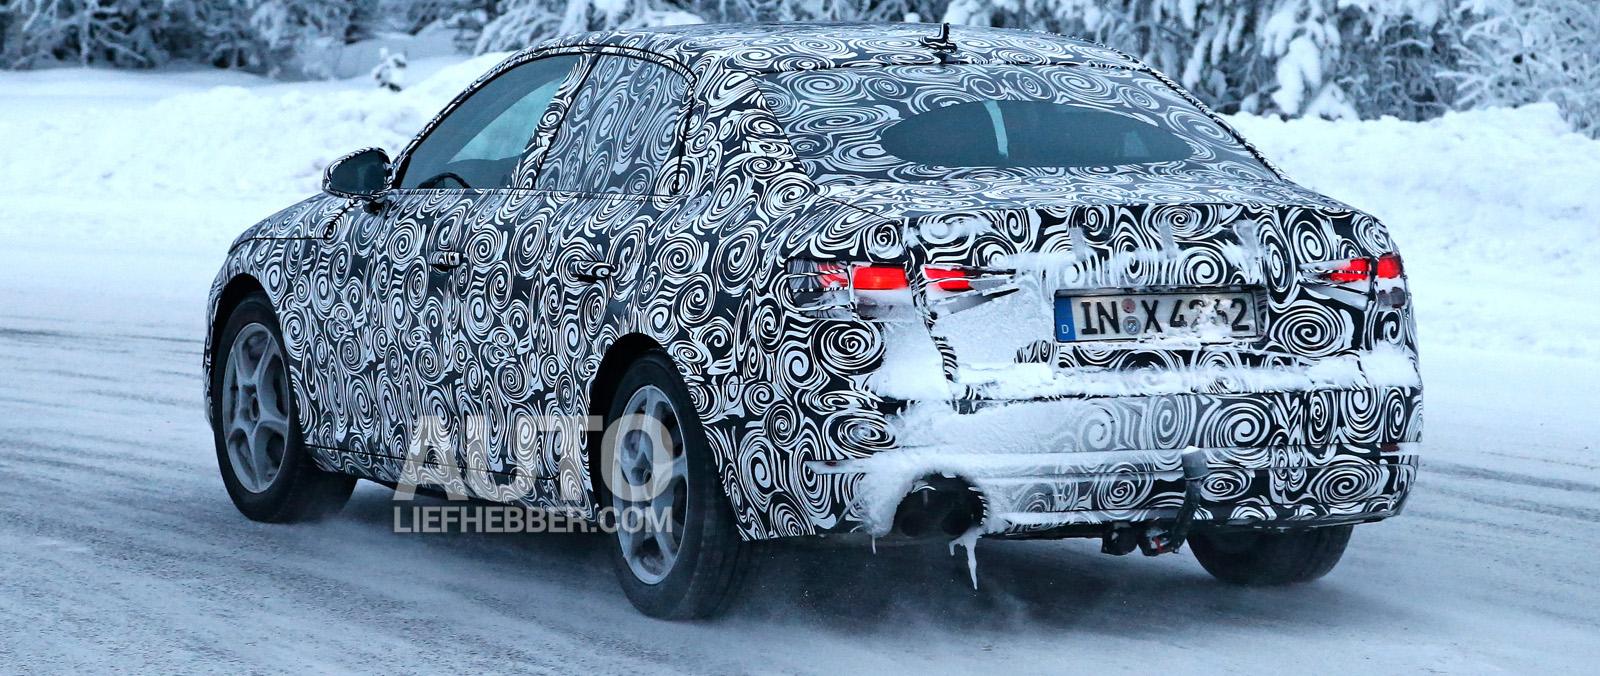 Audi a4 2016 dieselmotoren 4